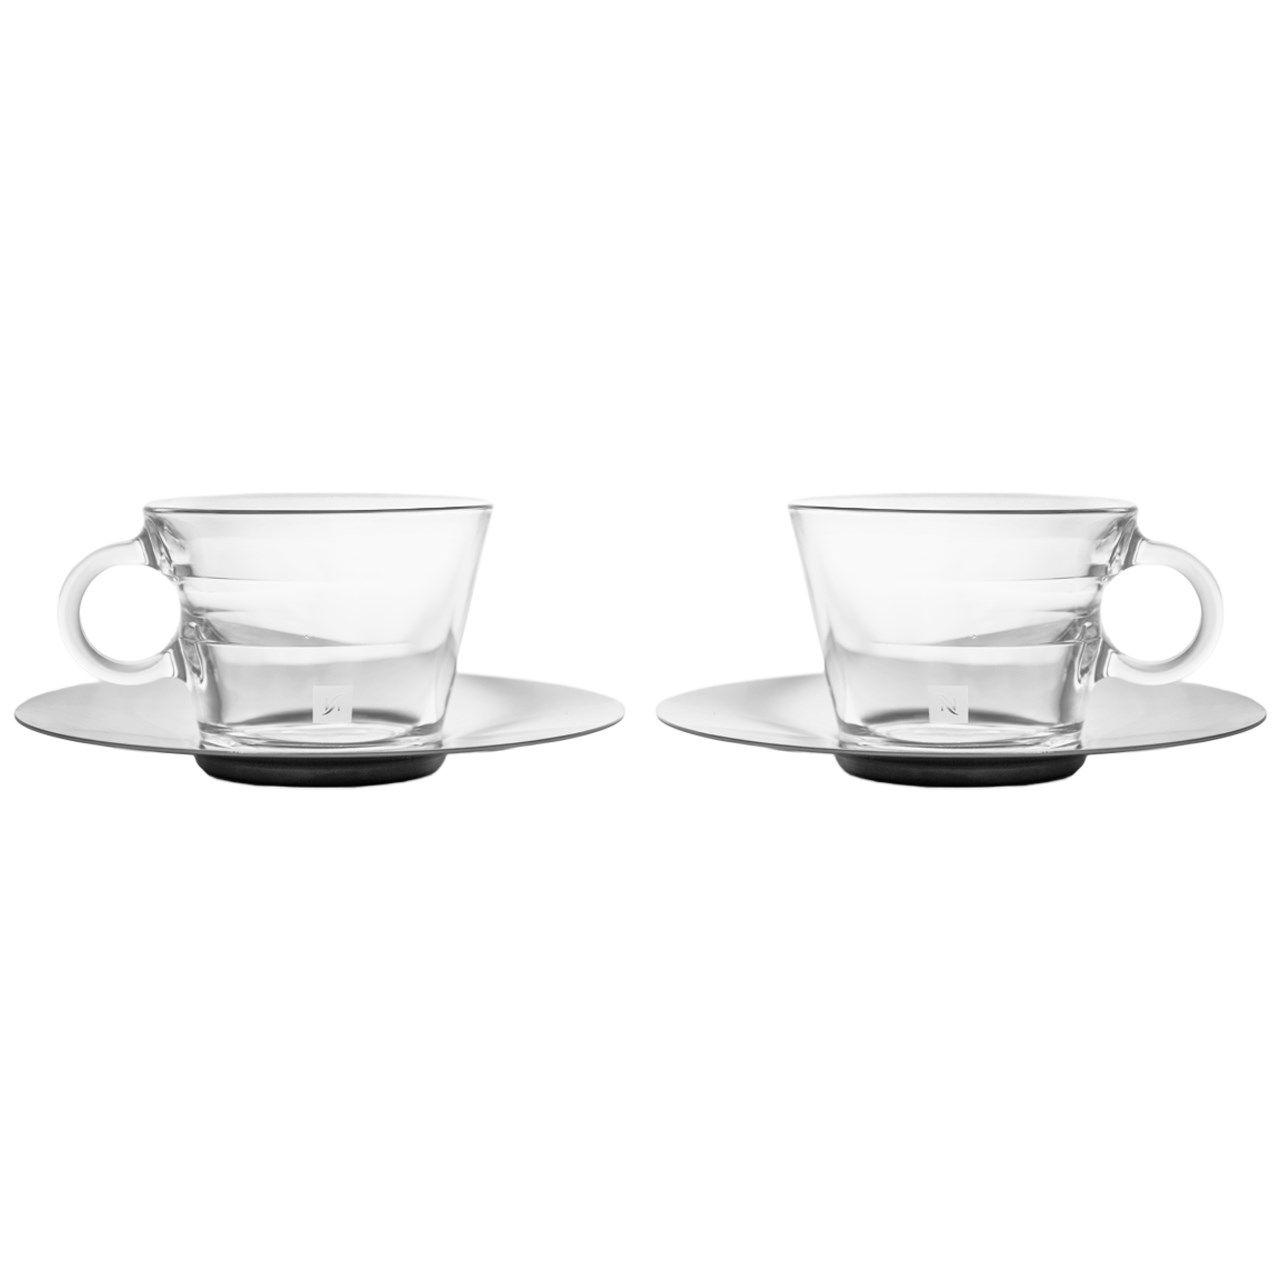 ست فنجان و نعلبکی نسپرسو مدل View Cappuccino بسته 2 عددی